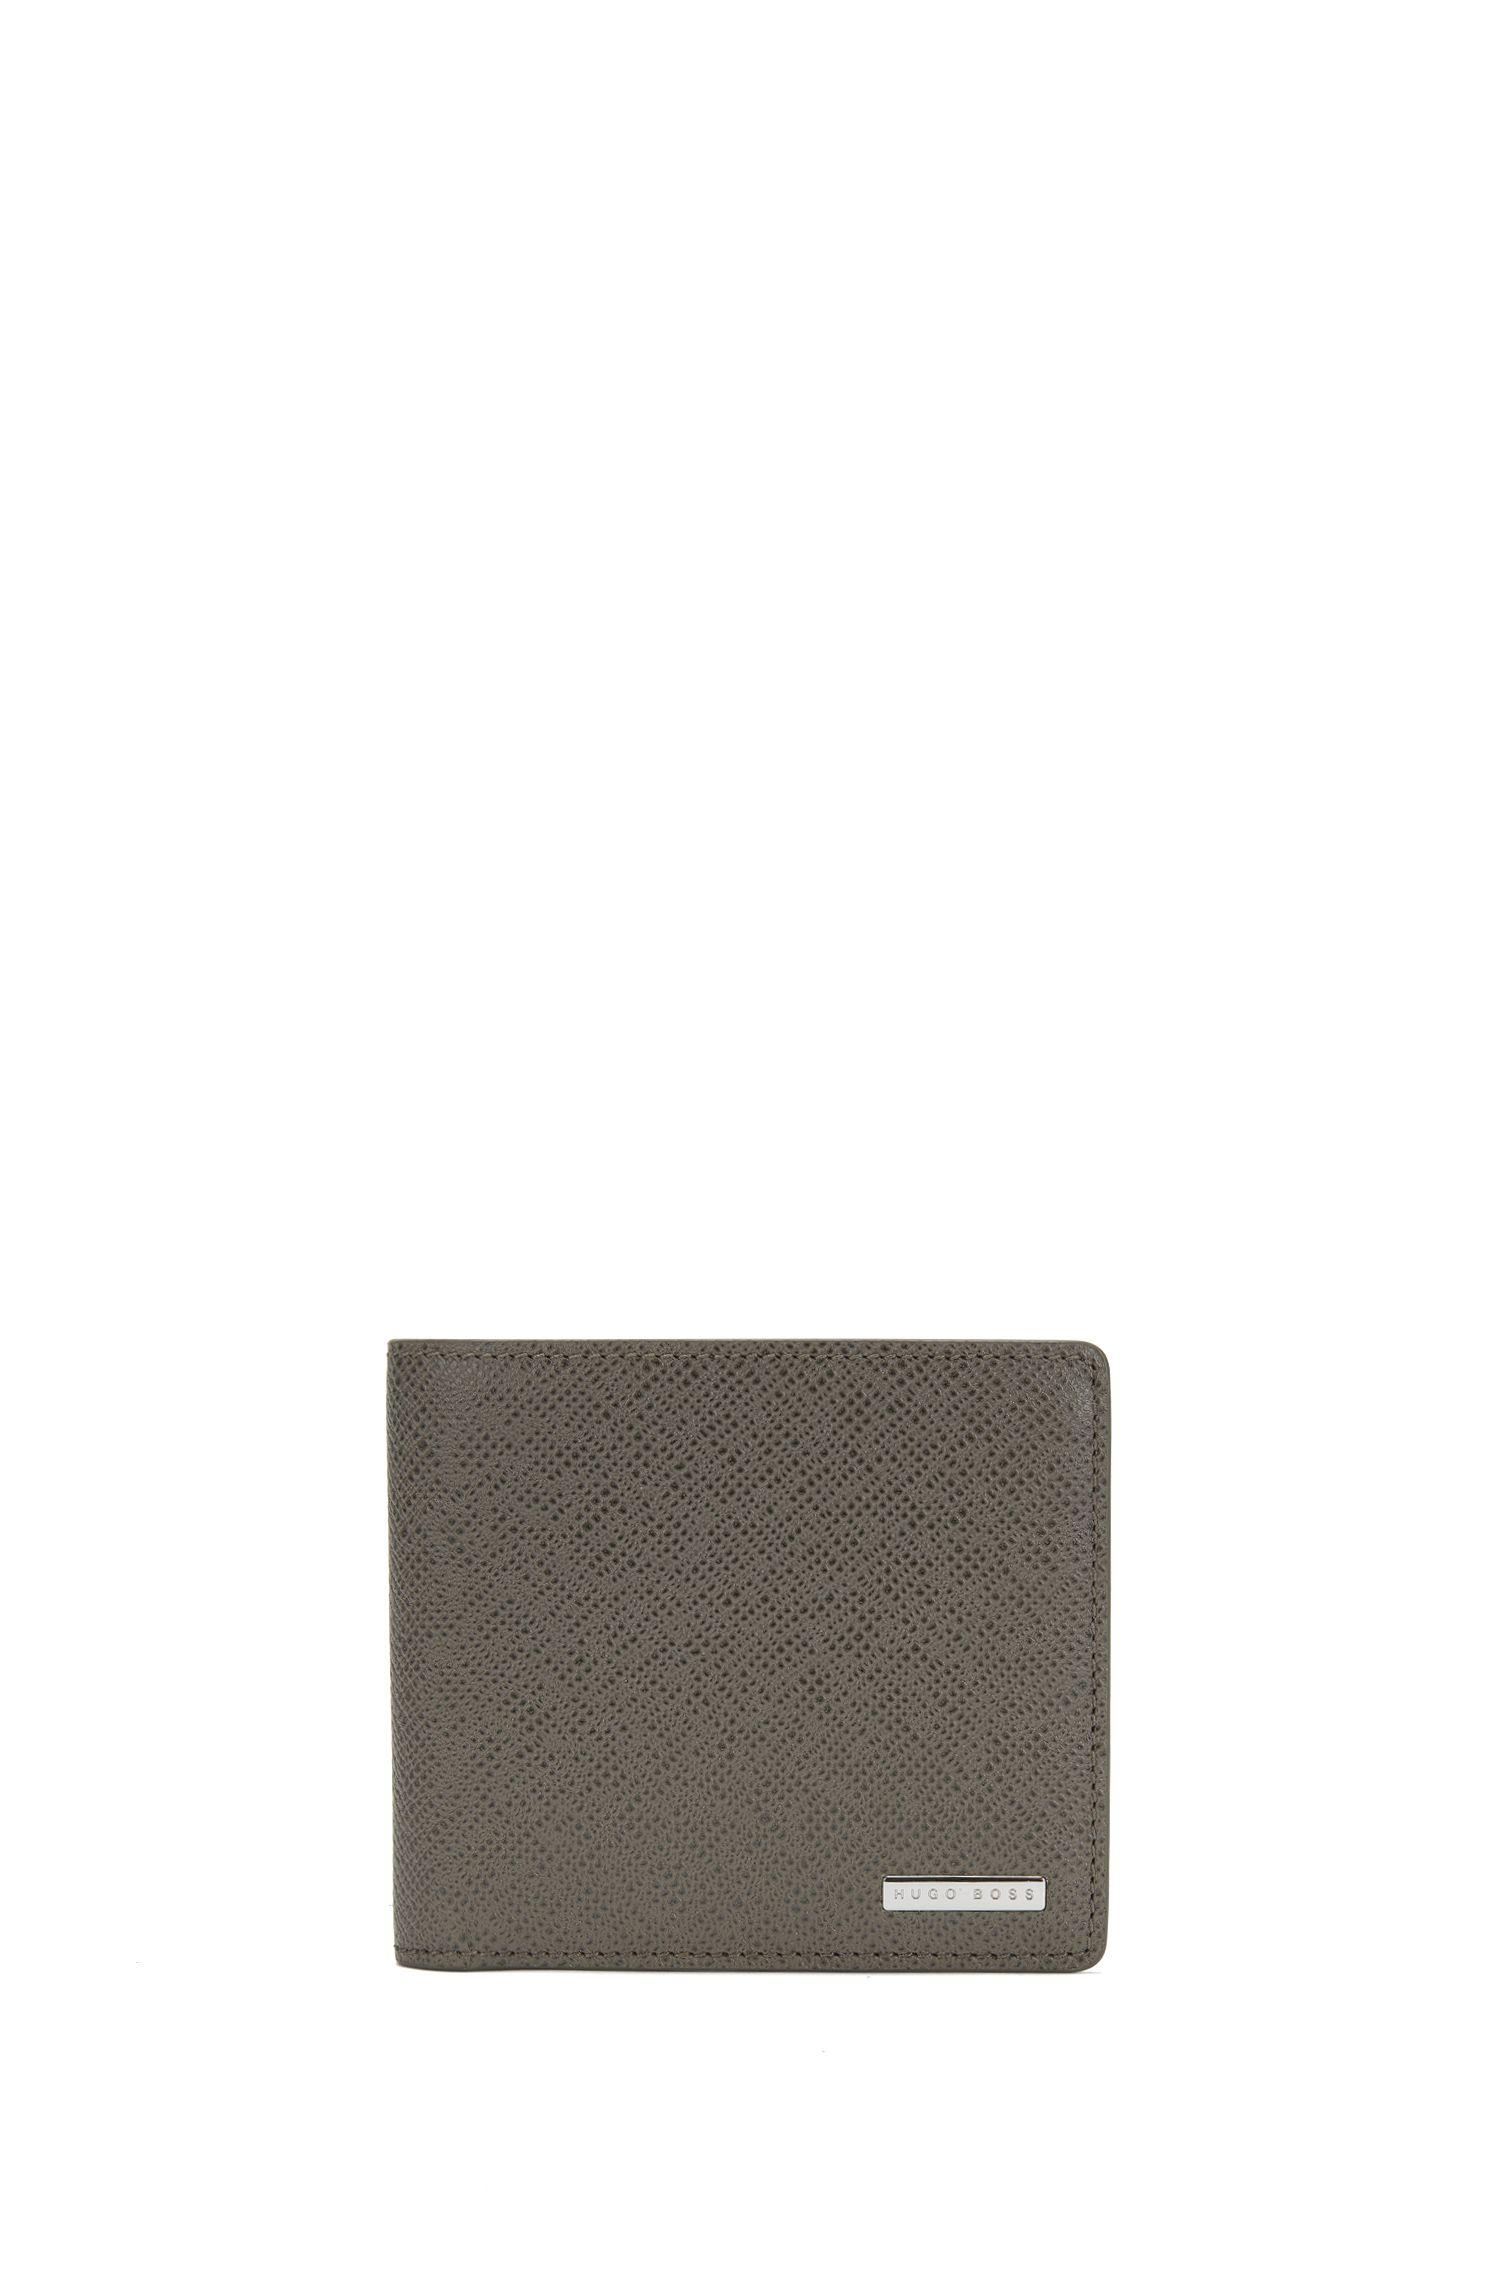 Portemonnee van palmellatoleer uit de Signature Collection